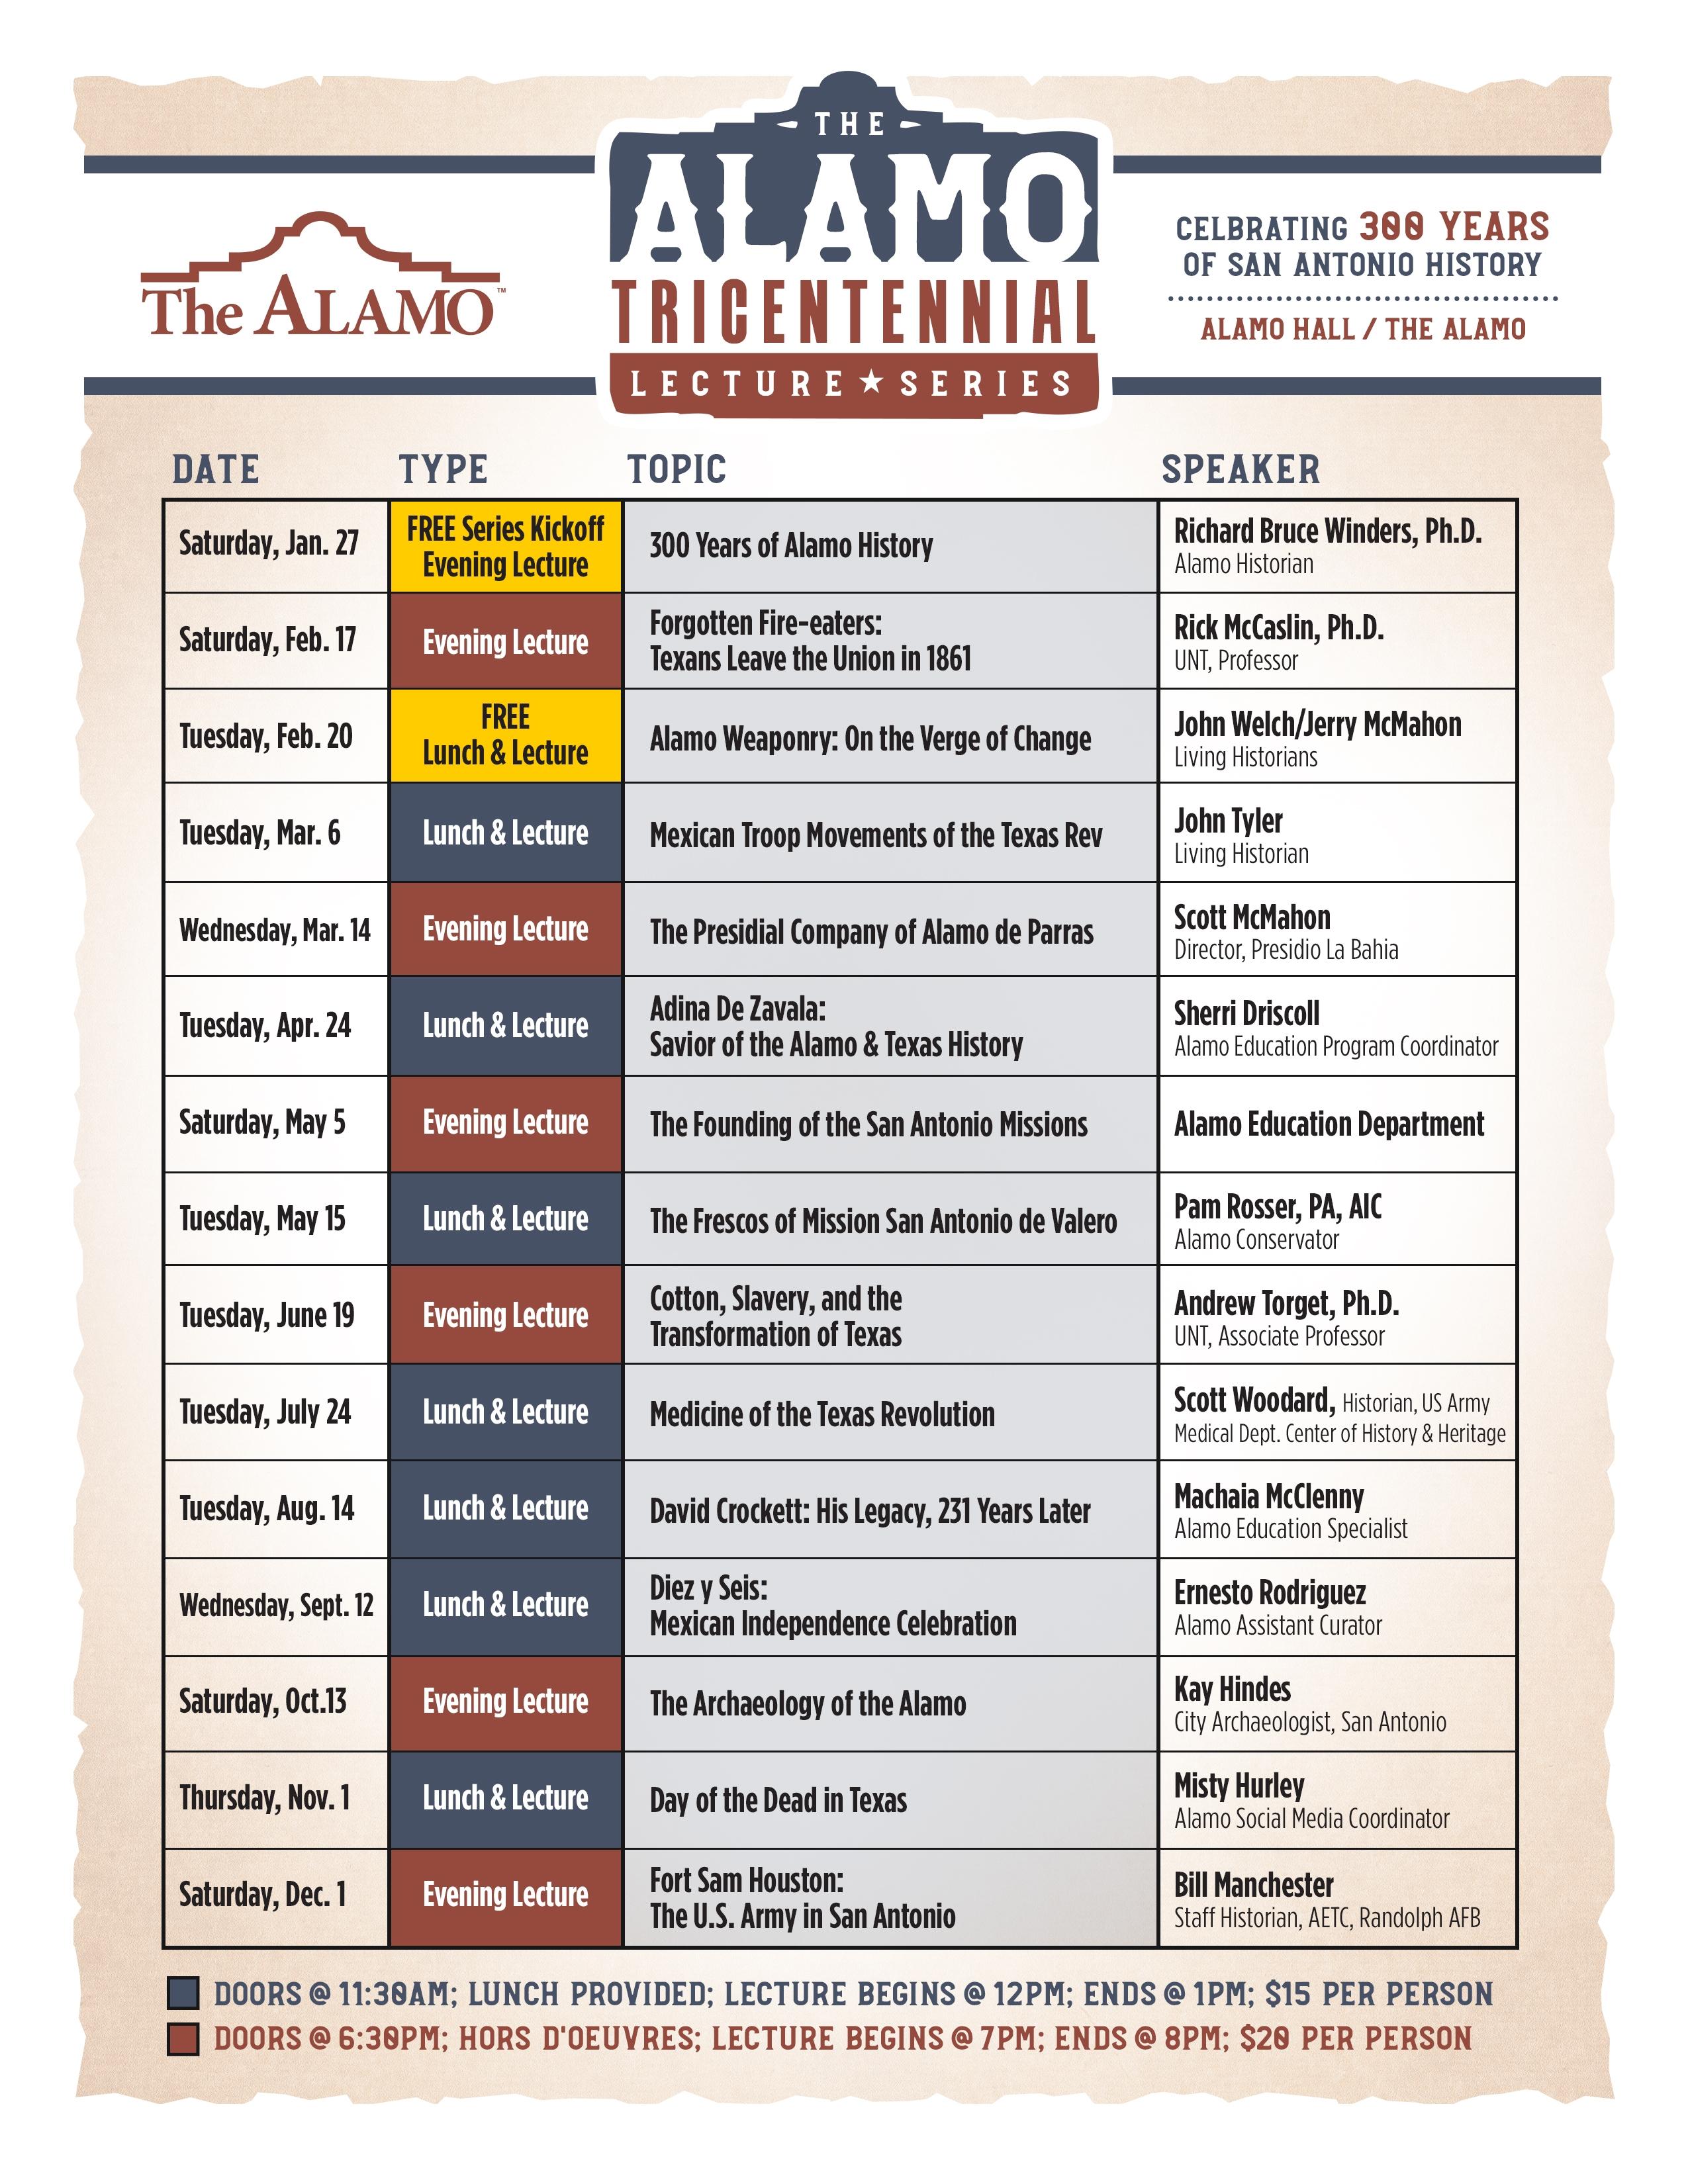 San Antonio Calendar Of Events